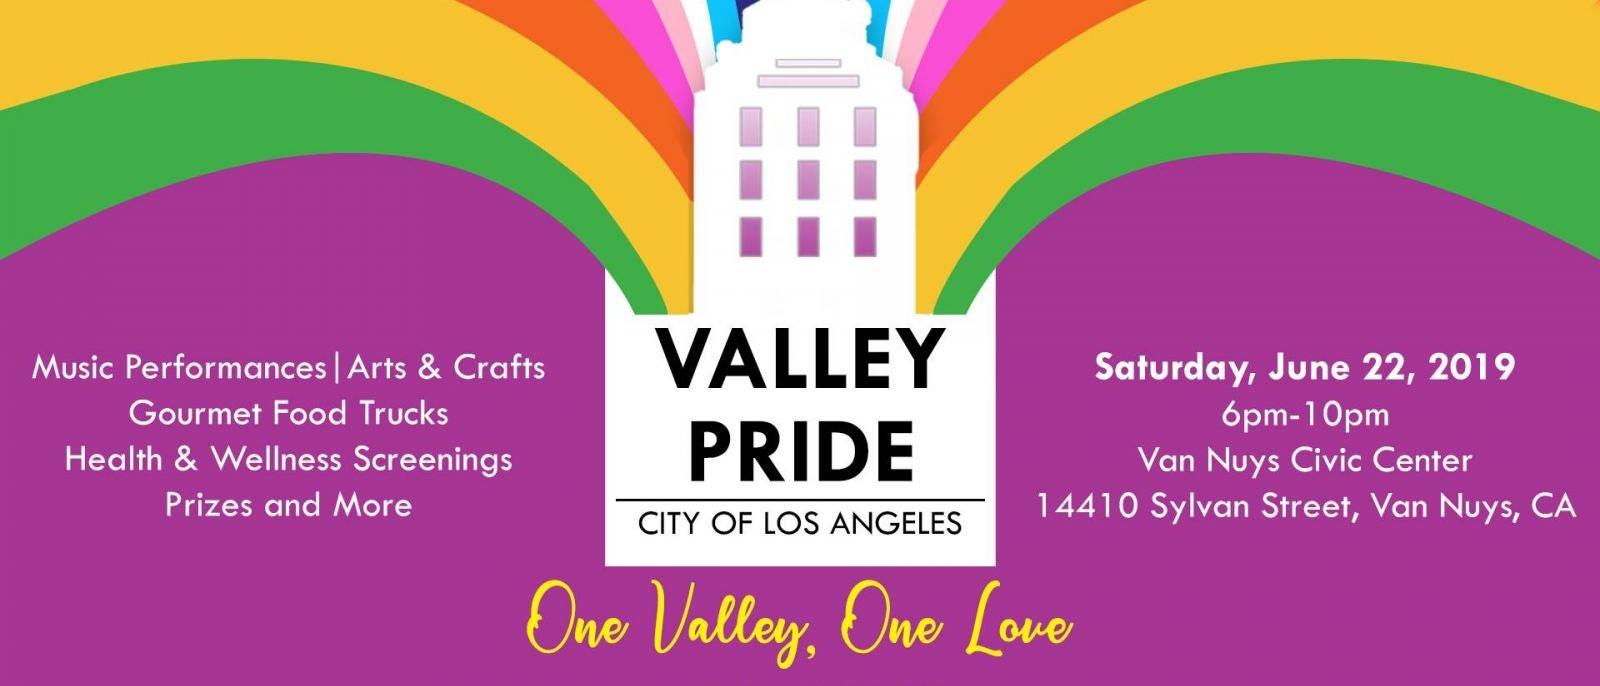 Valley Pride 2019